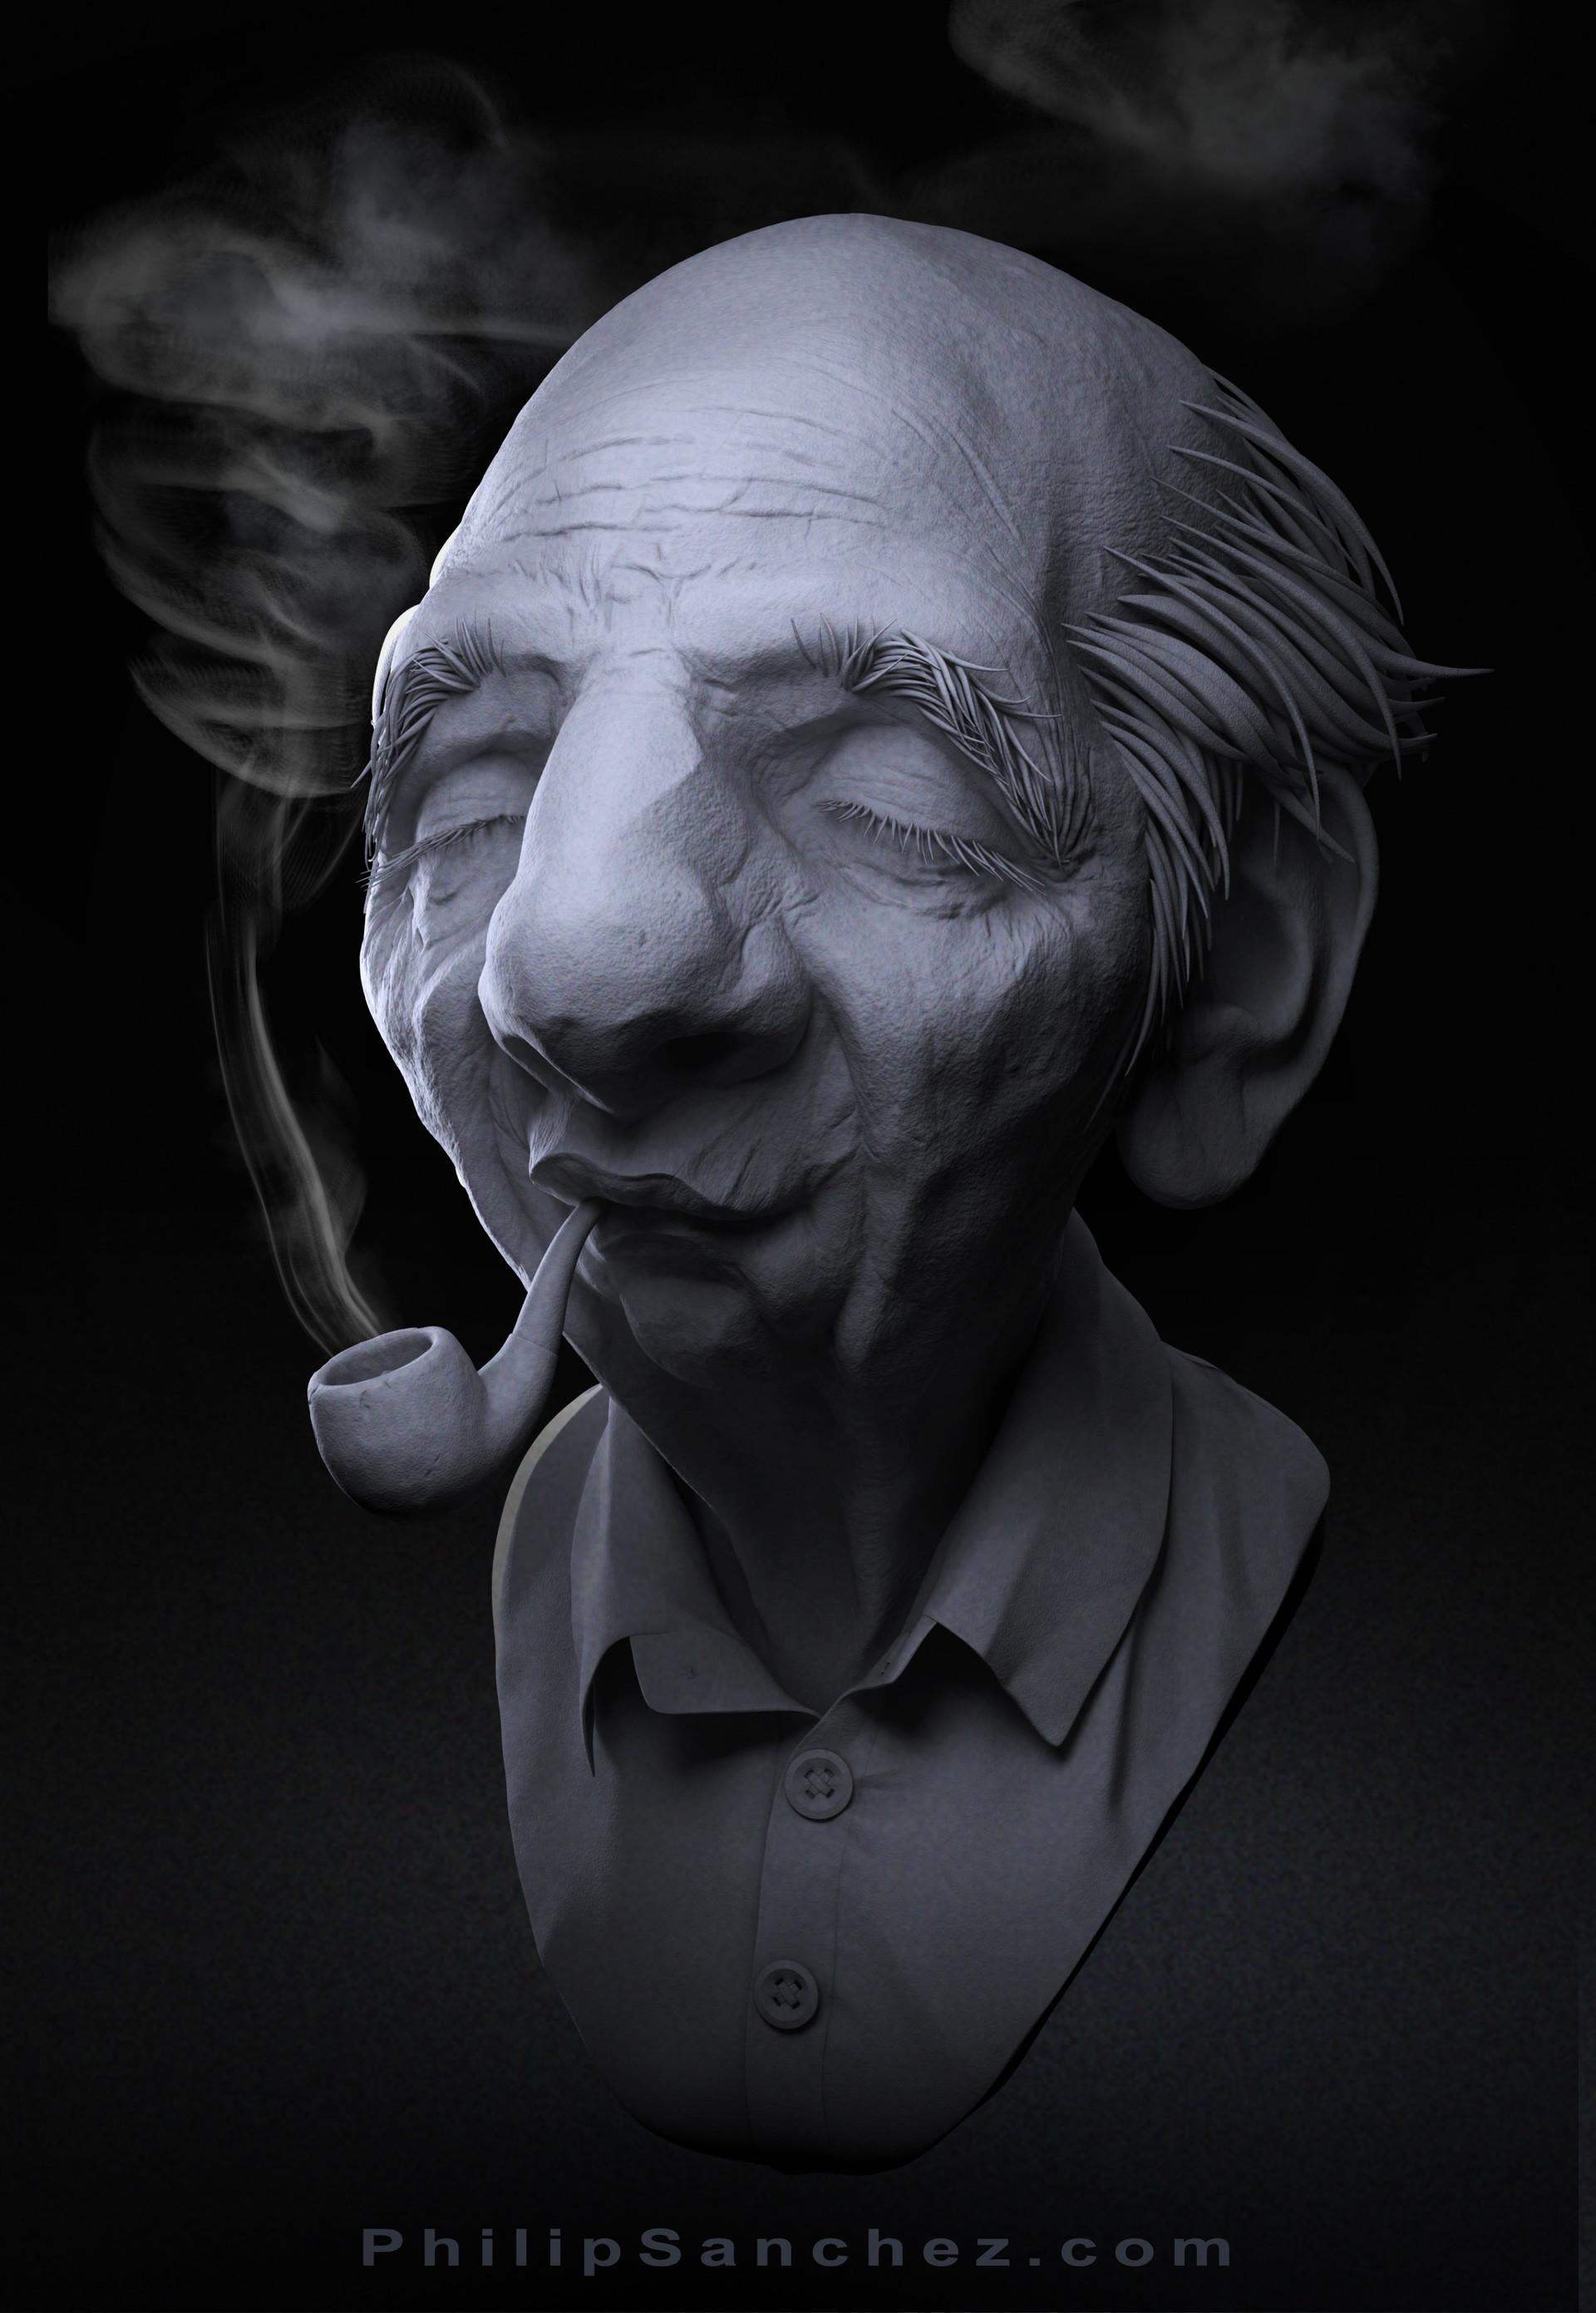 Philip sanchez oldman 03